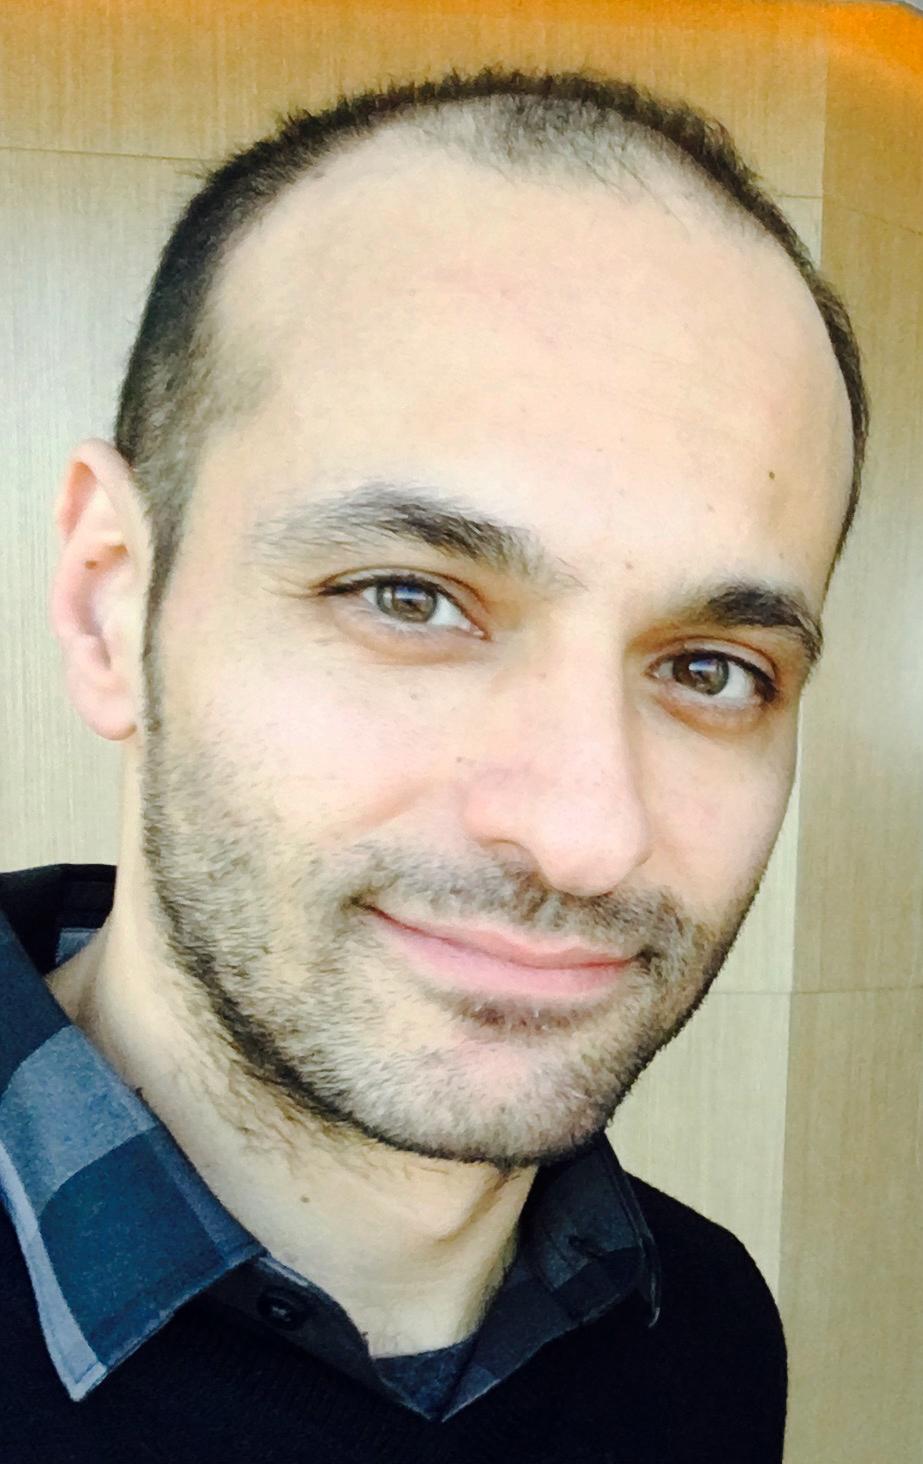 Douglas Frank Monaco